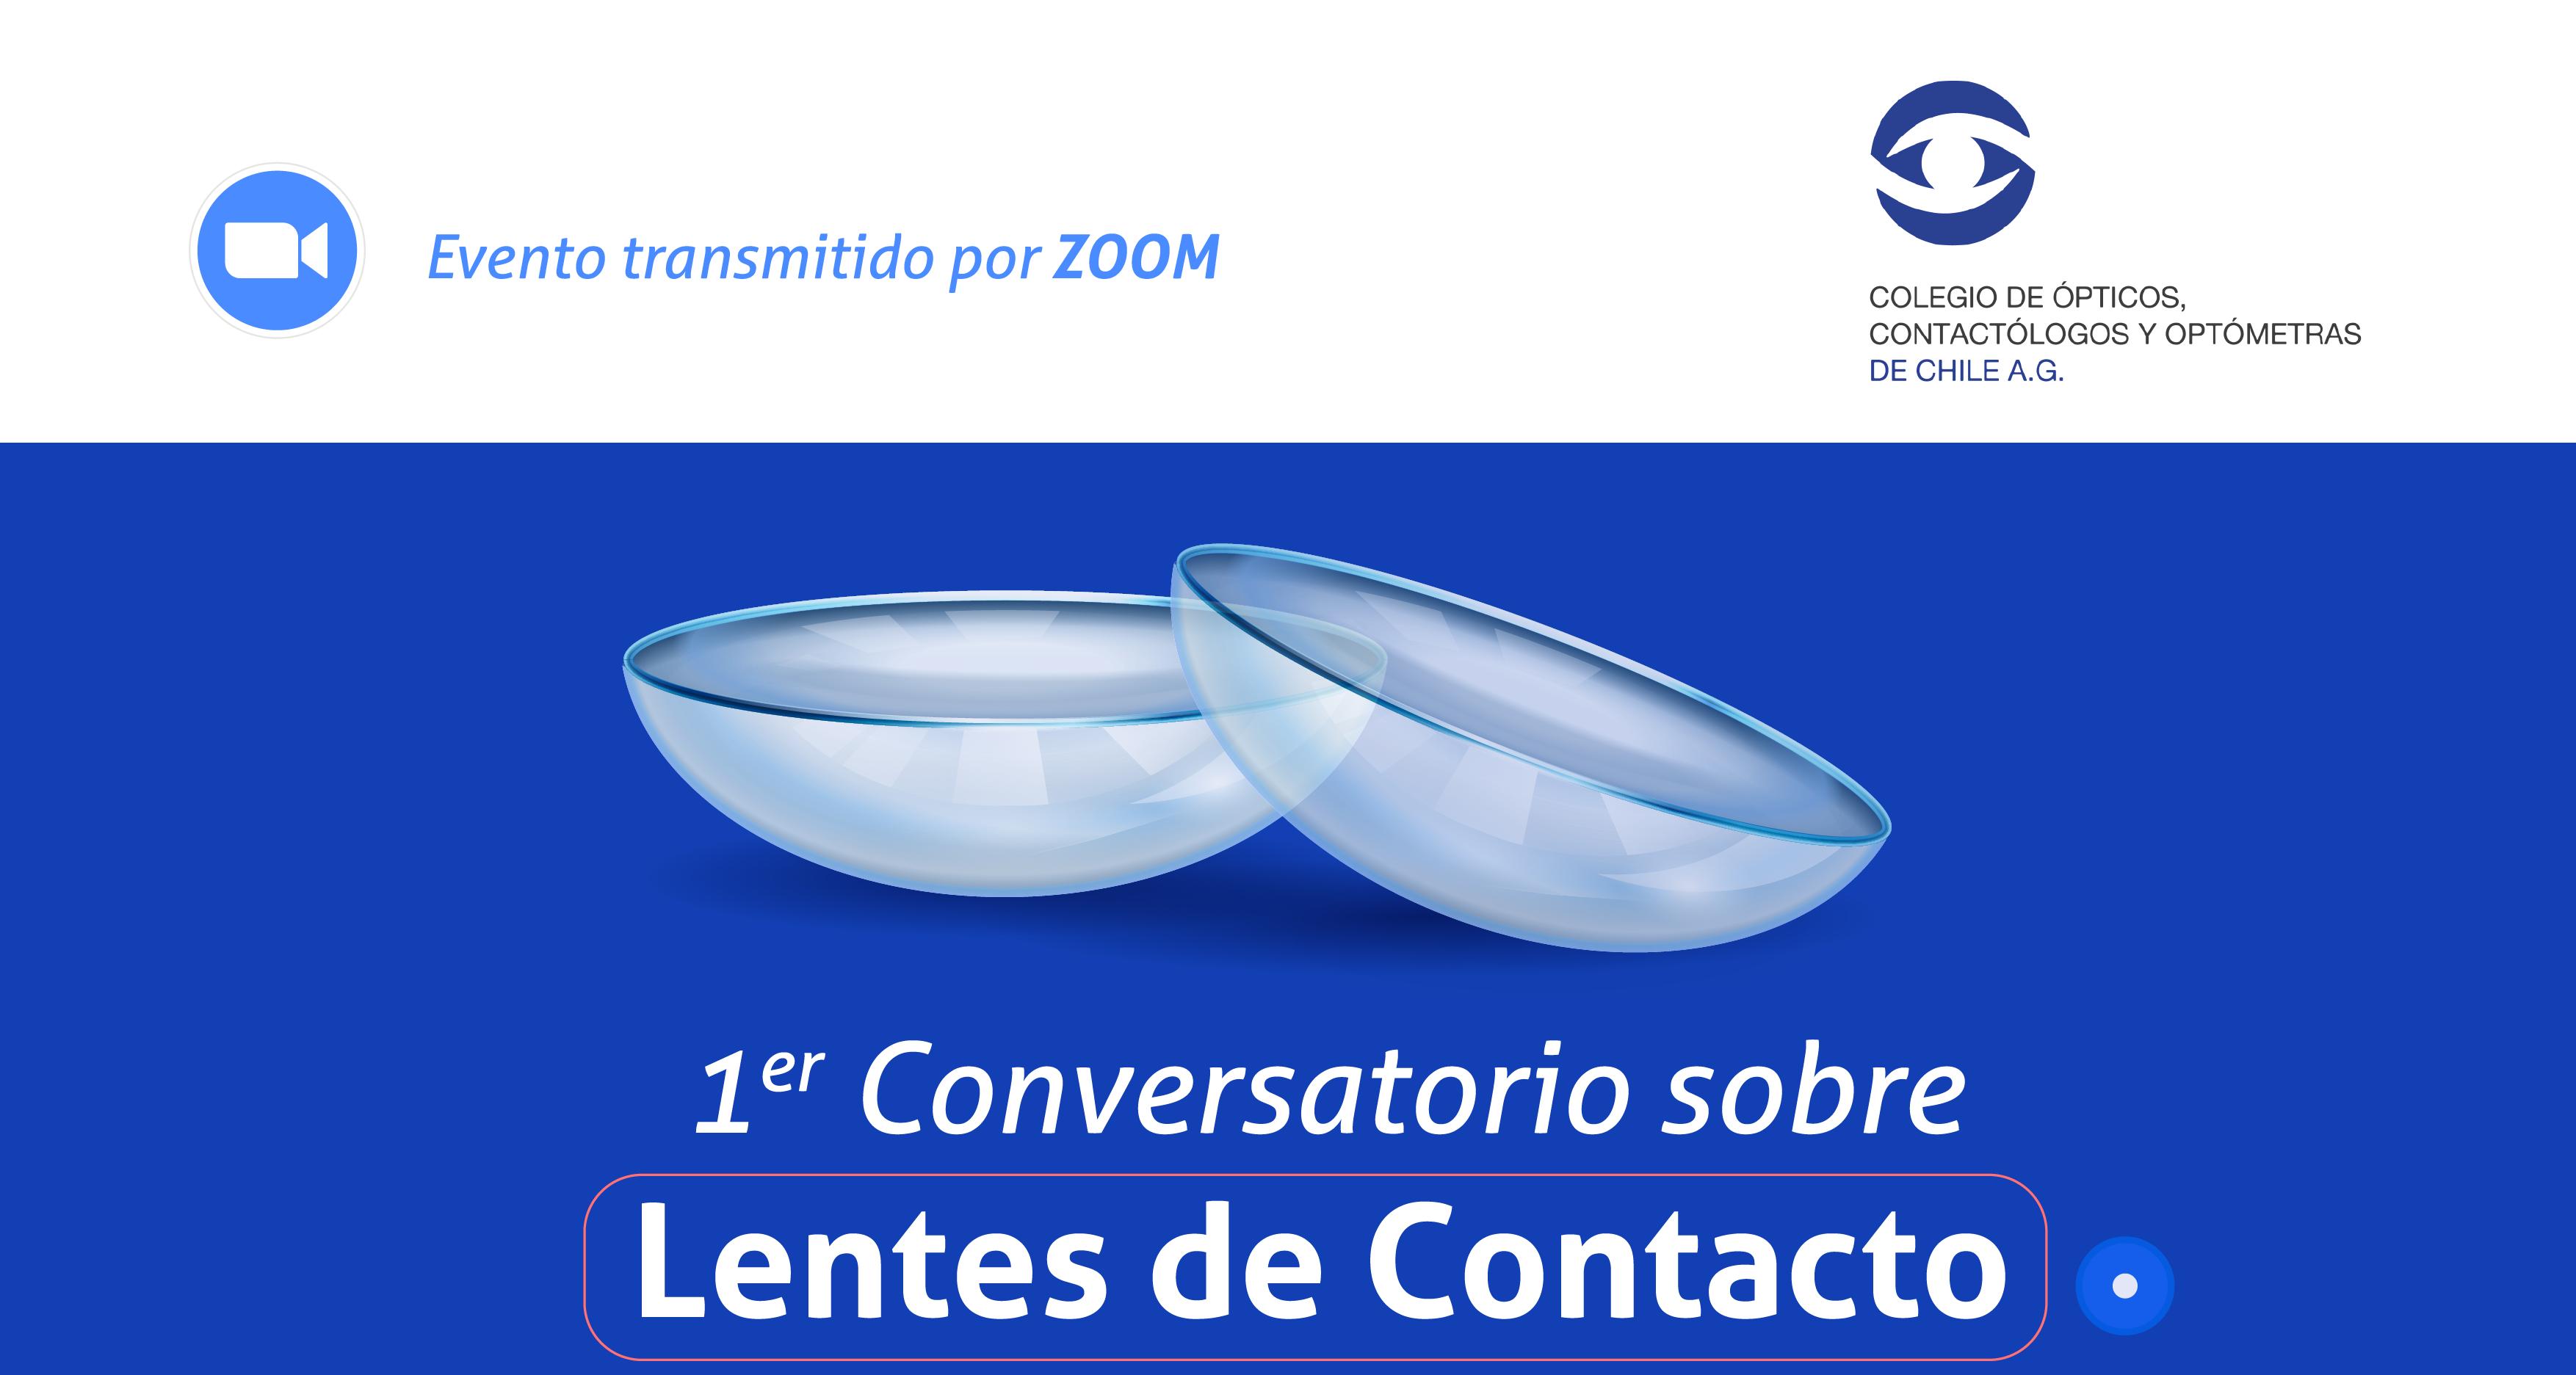 CONVERSATORIO SOBRE LENTES DE CONTACTO – SIN COSTO DE PARTICIPACION. SOLICITAR ENLACE A info@colegiodeopticos.cl